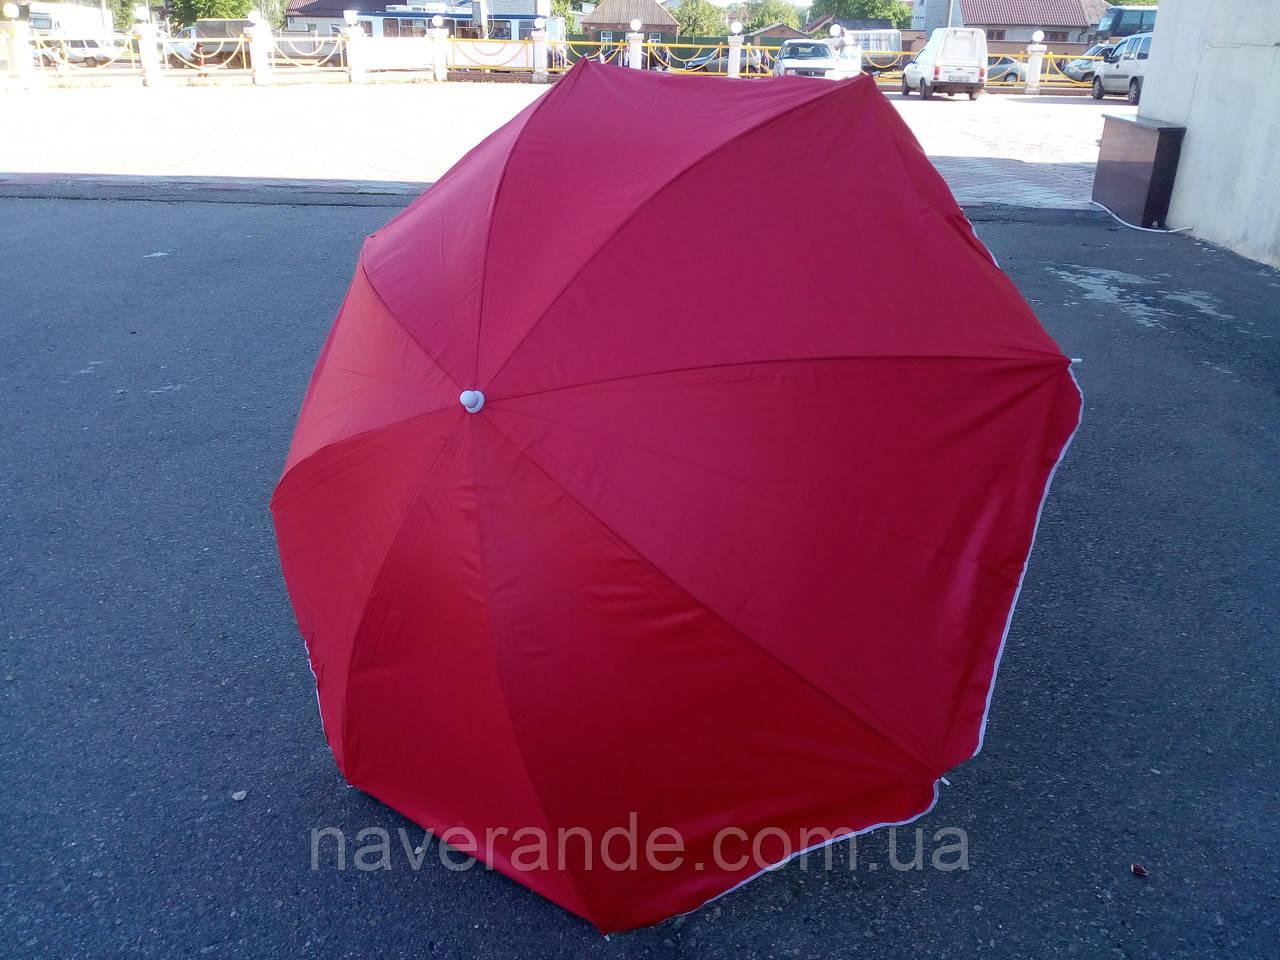 Пляжный зонт от солнца (D2,0 м), фото 1